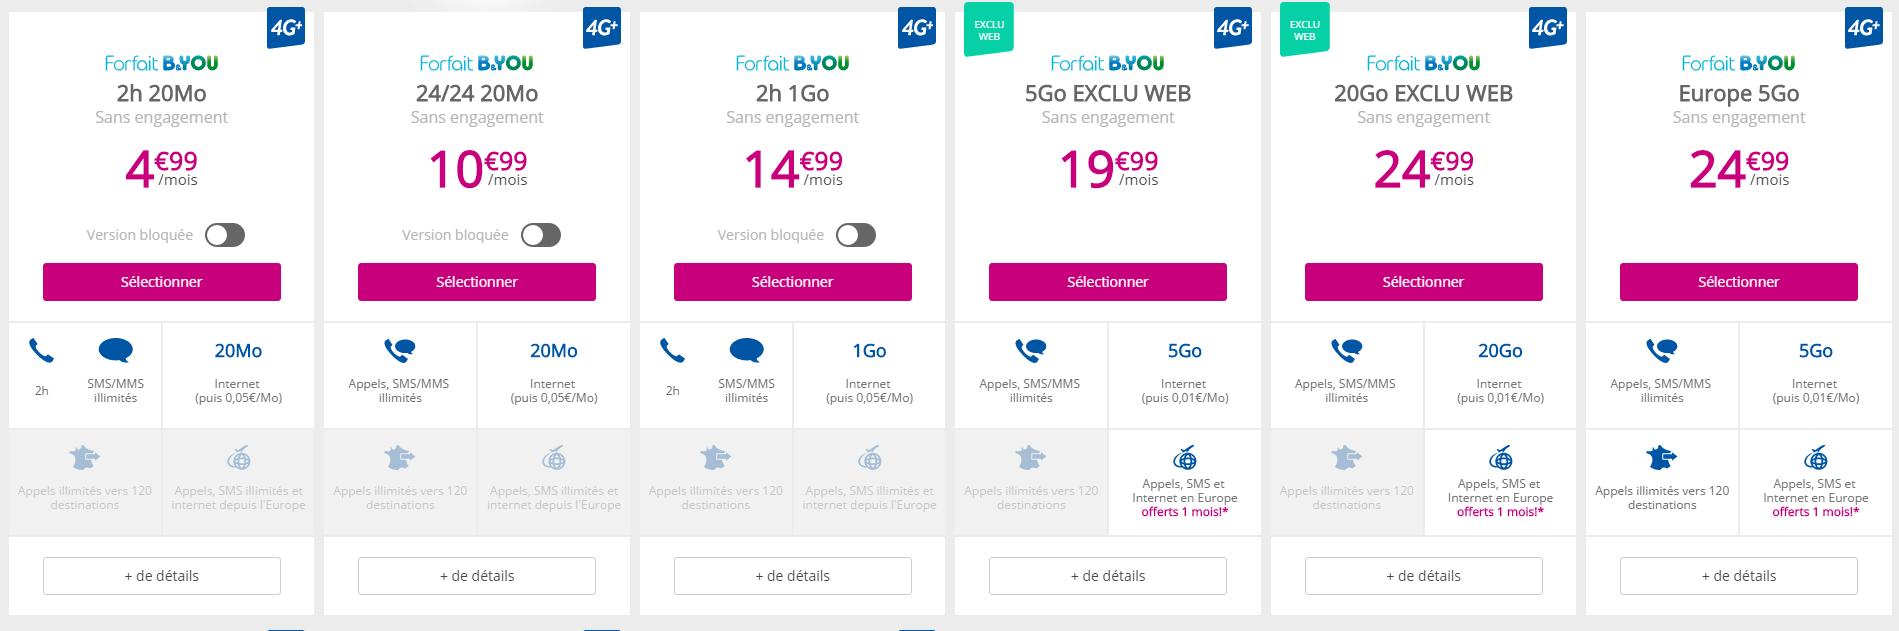 B&You revoit intégralement ses offres avec des prix à la hausse